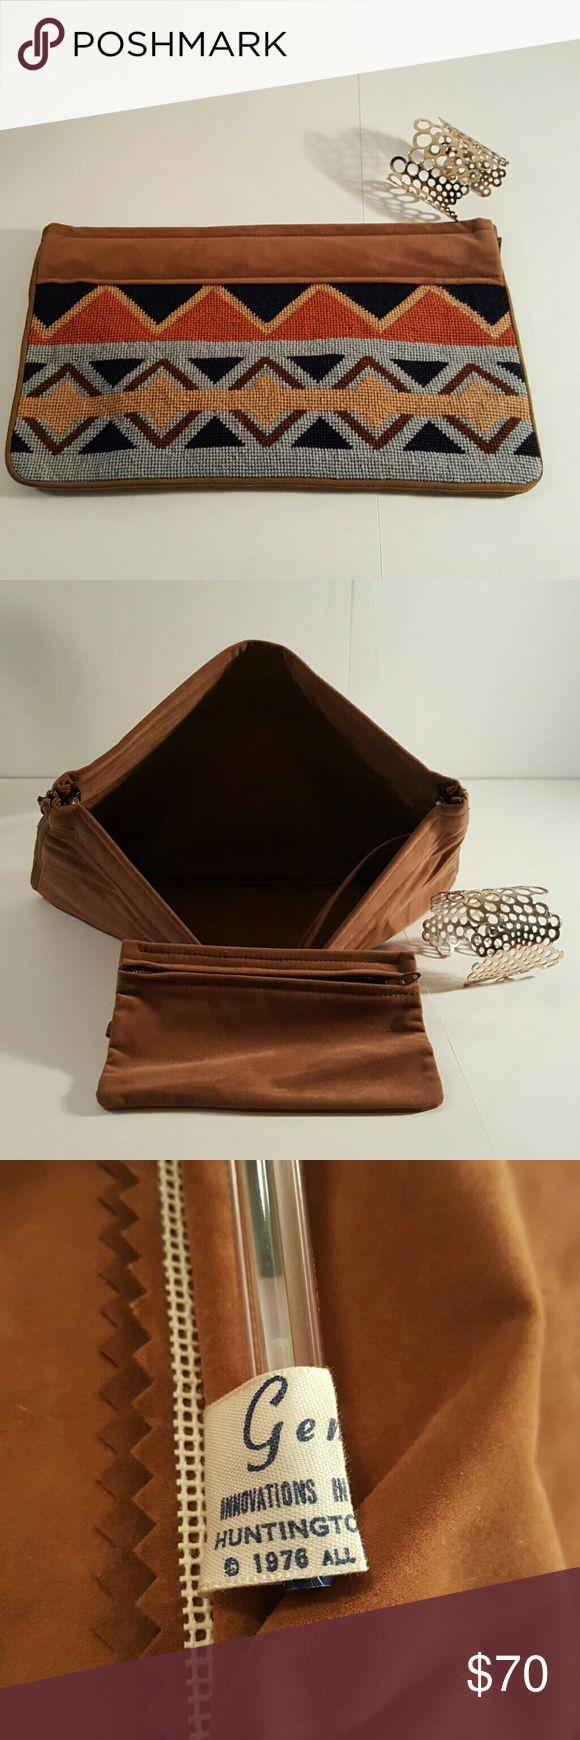 NWOT - Never used Vintage Aztec clutch Multi color Aztec design 1976 Gemini Bags Clutches & Wristlets